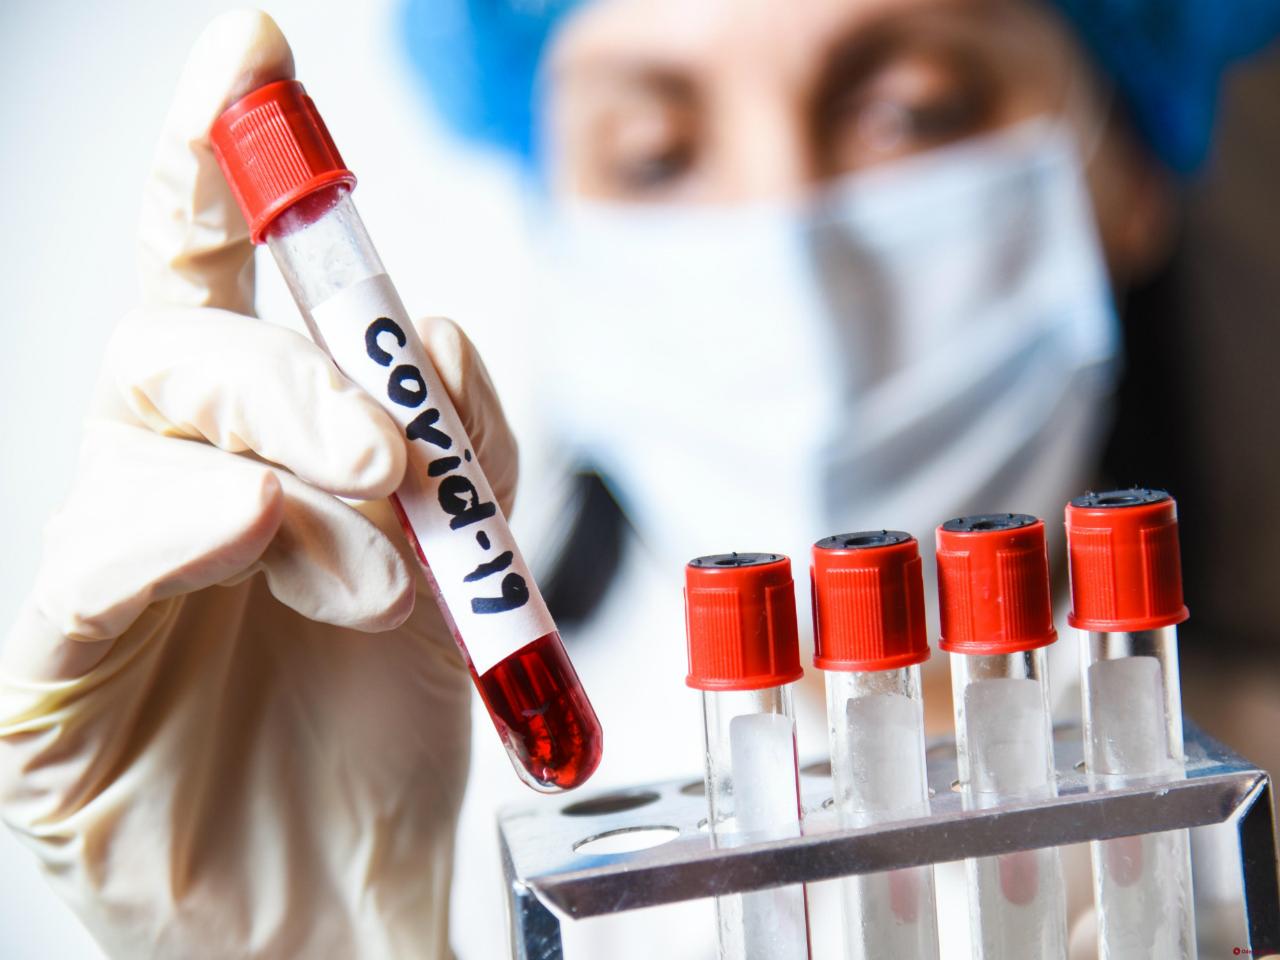 Тест на коронавирус после возвращения из-за границы